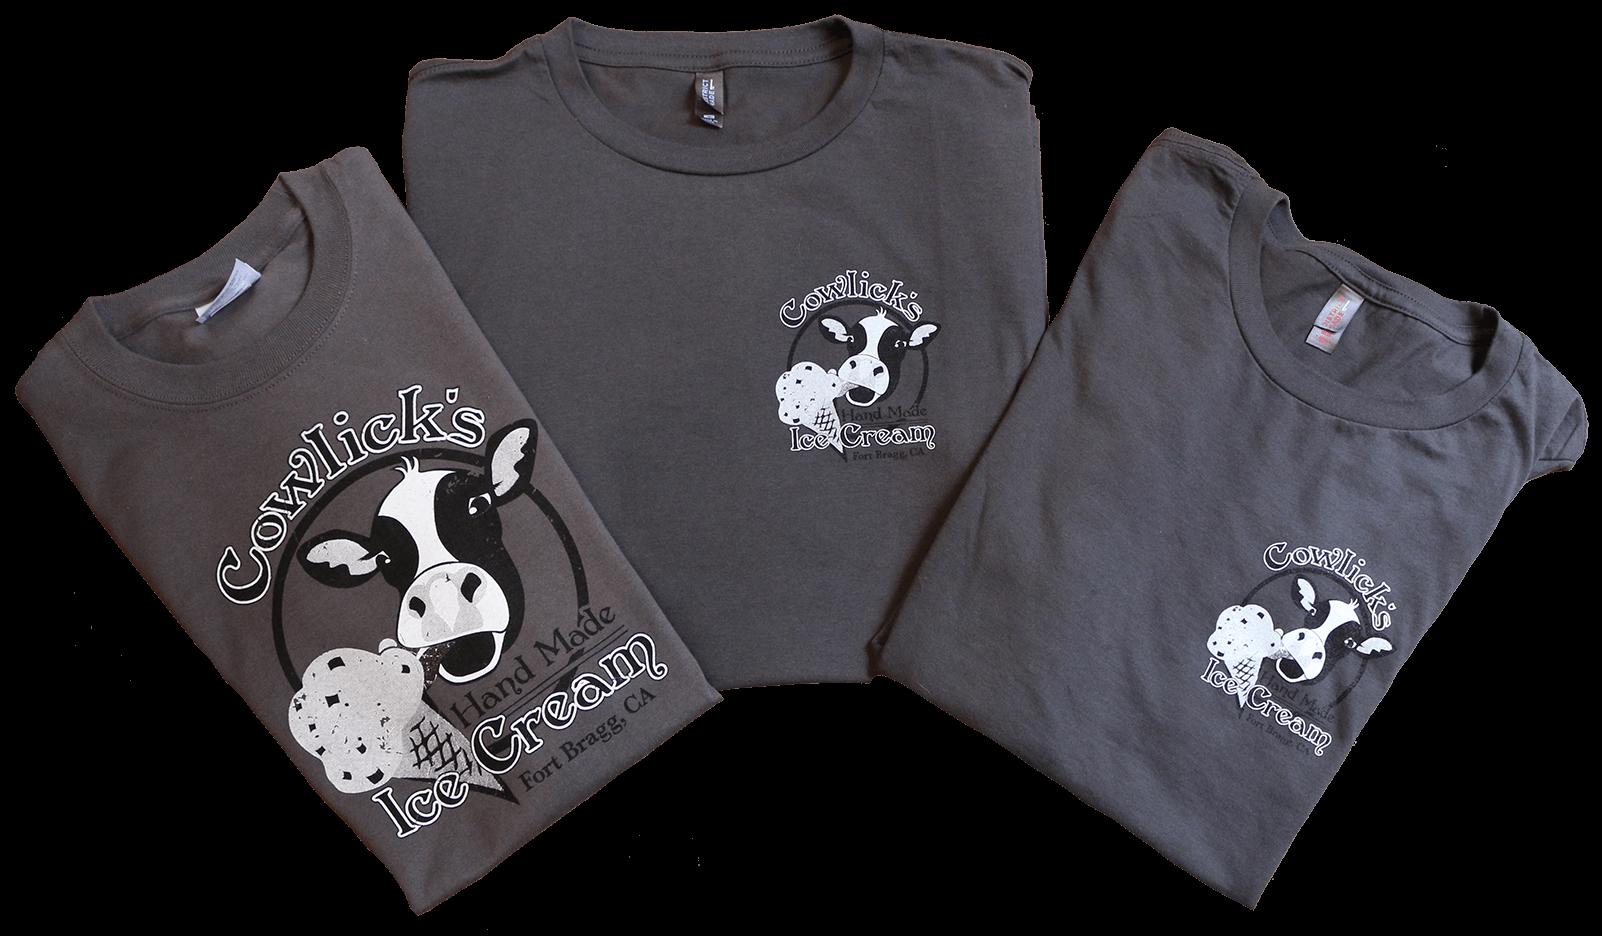 cowlicks-tshirts